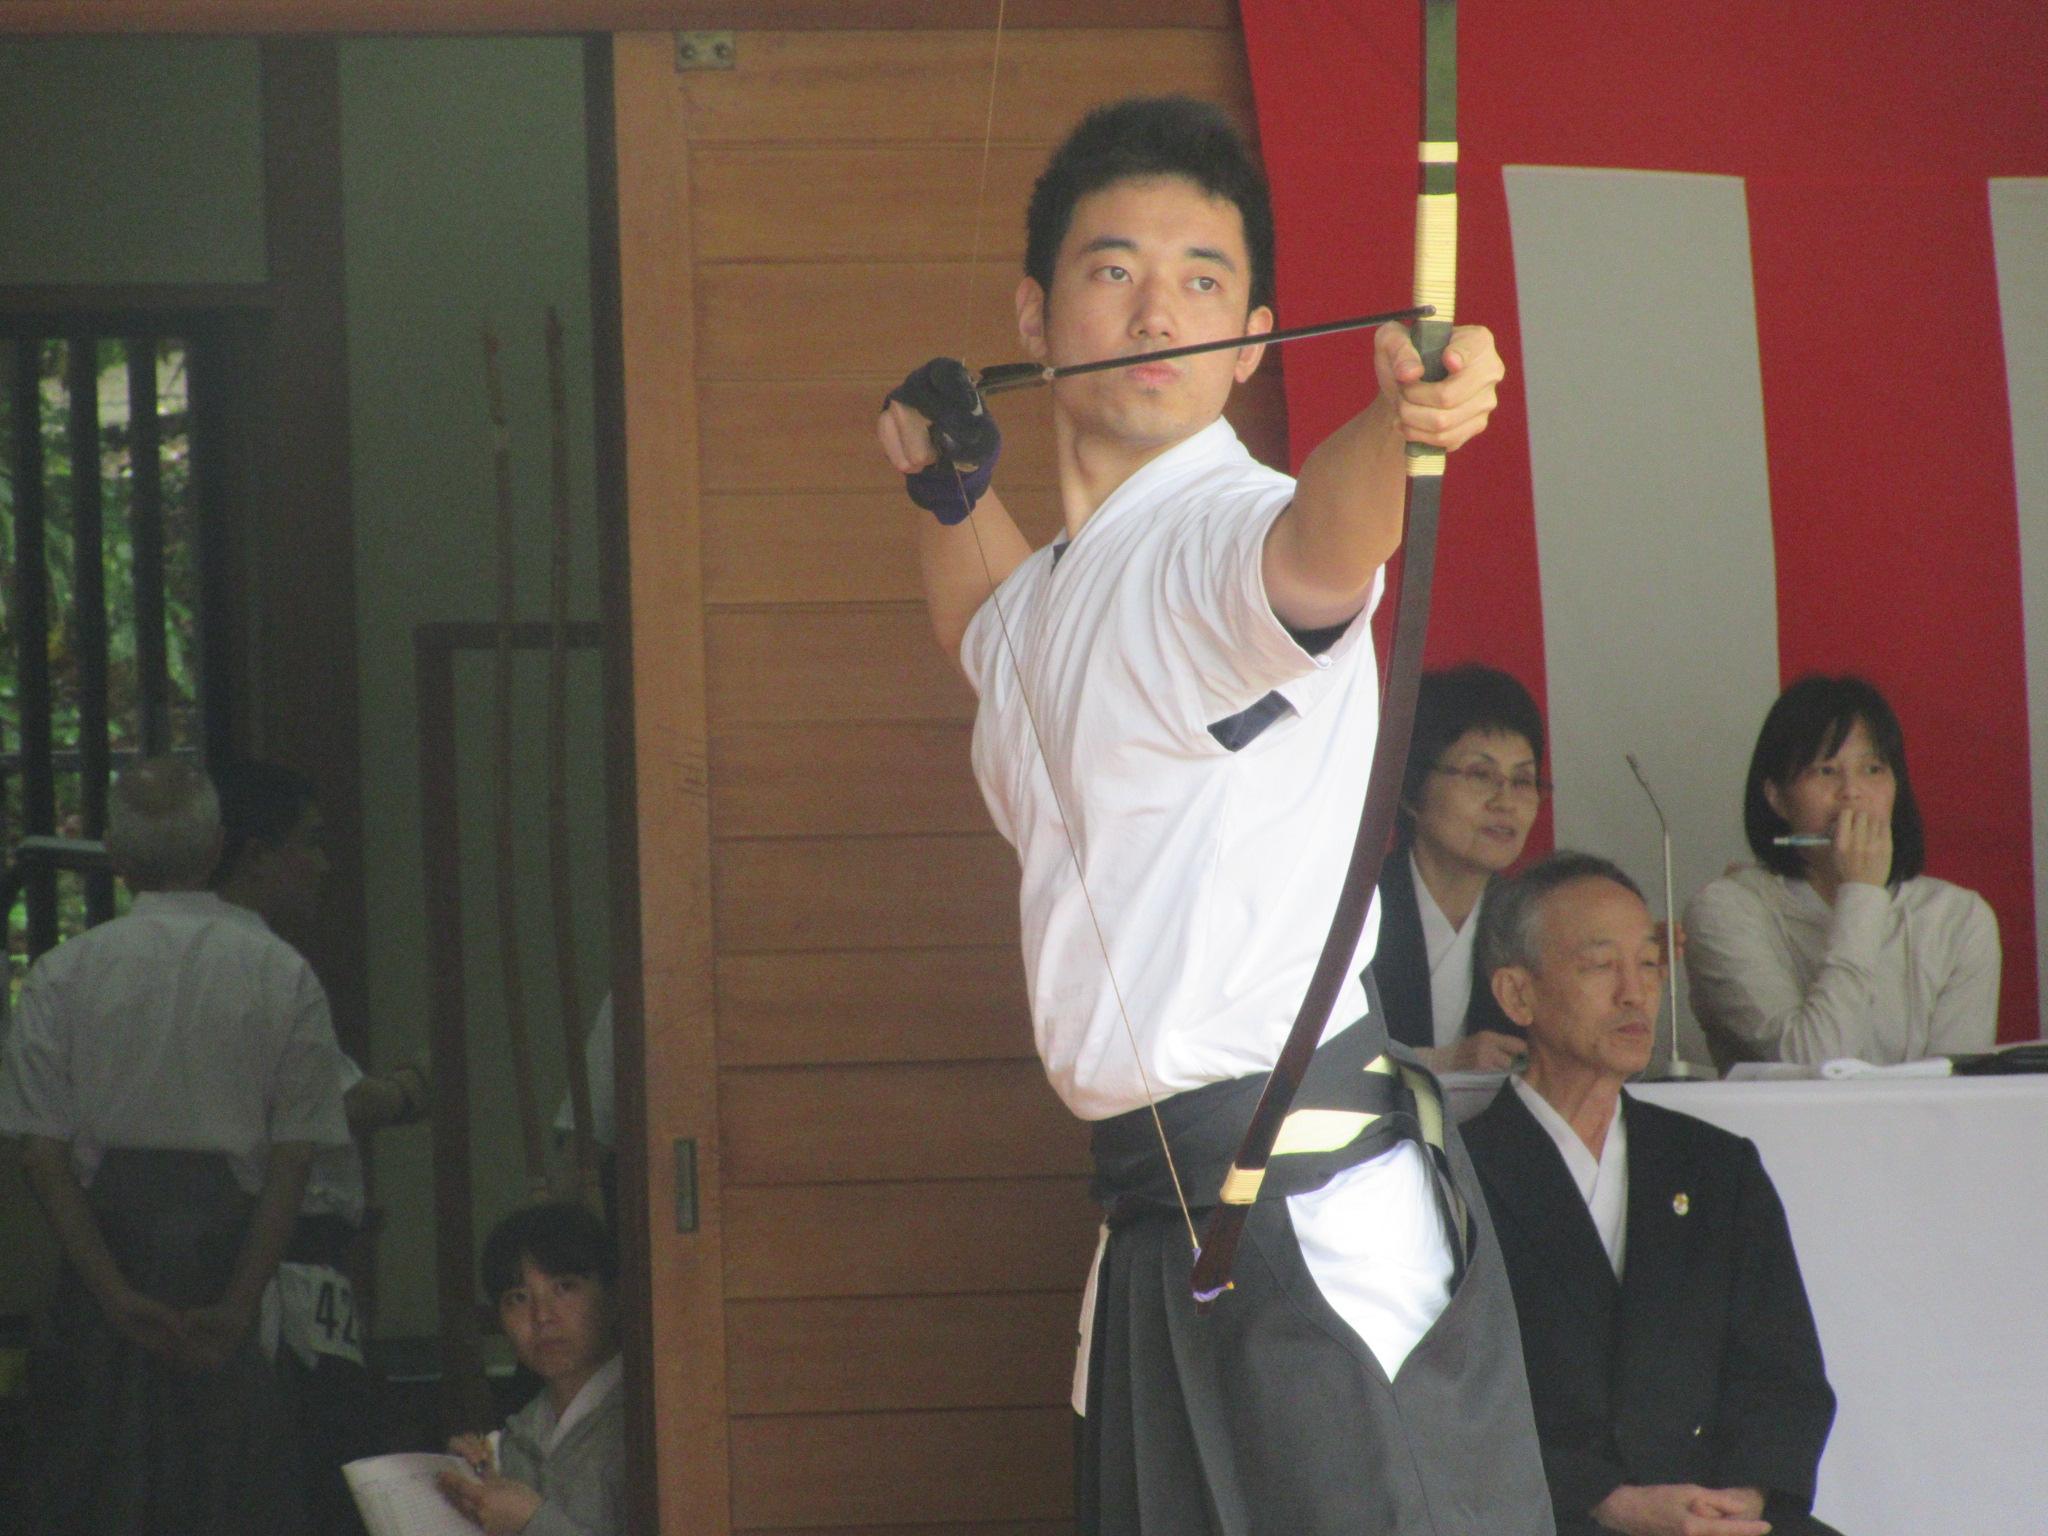 中村(3)射詰め八寸2本目敗退 遠近競射で大学男子の部3位